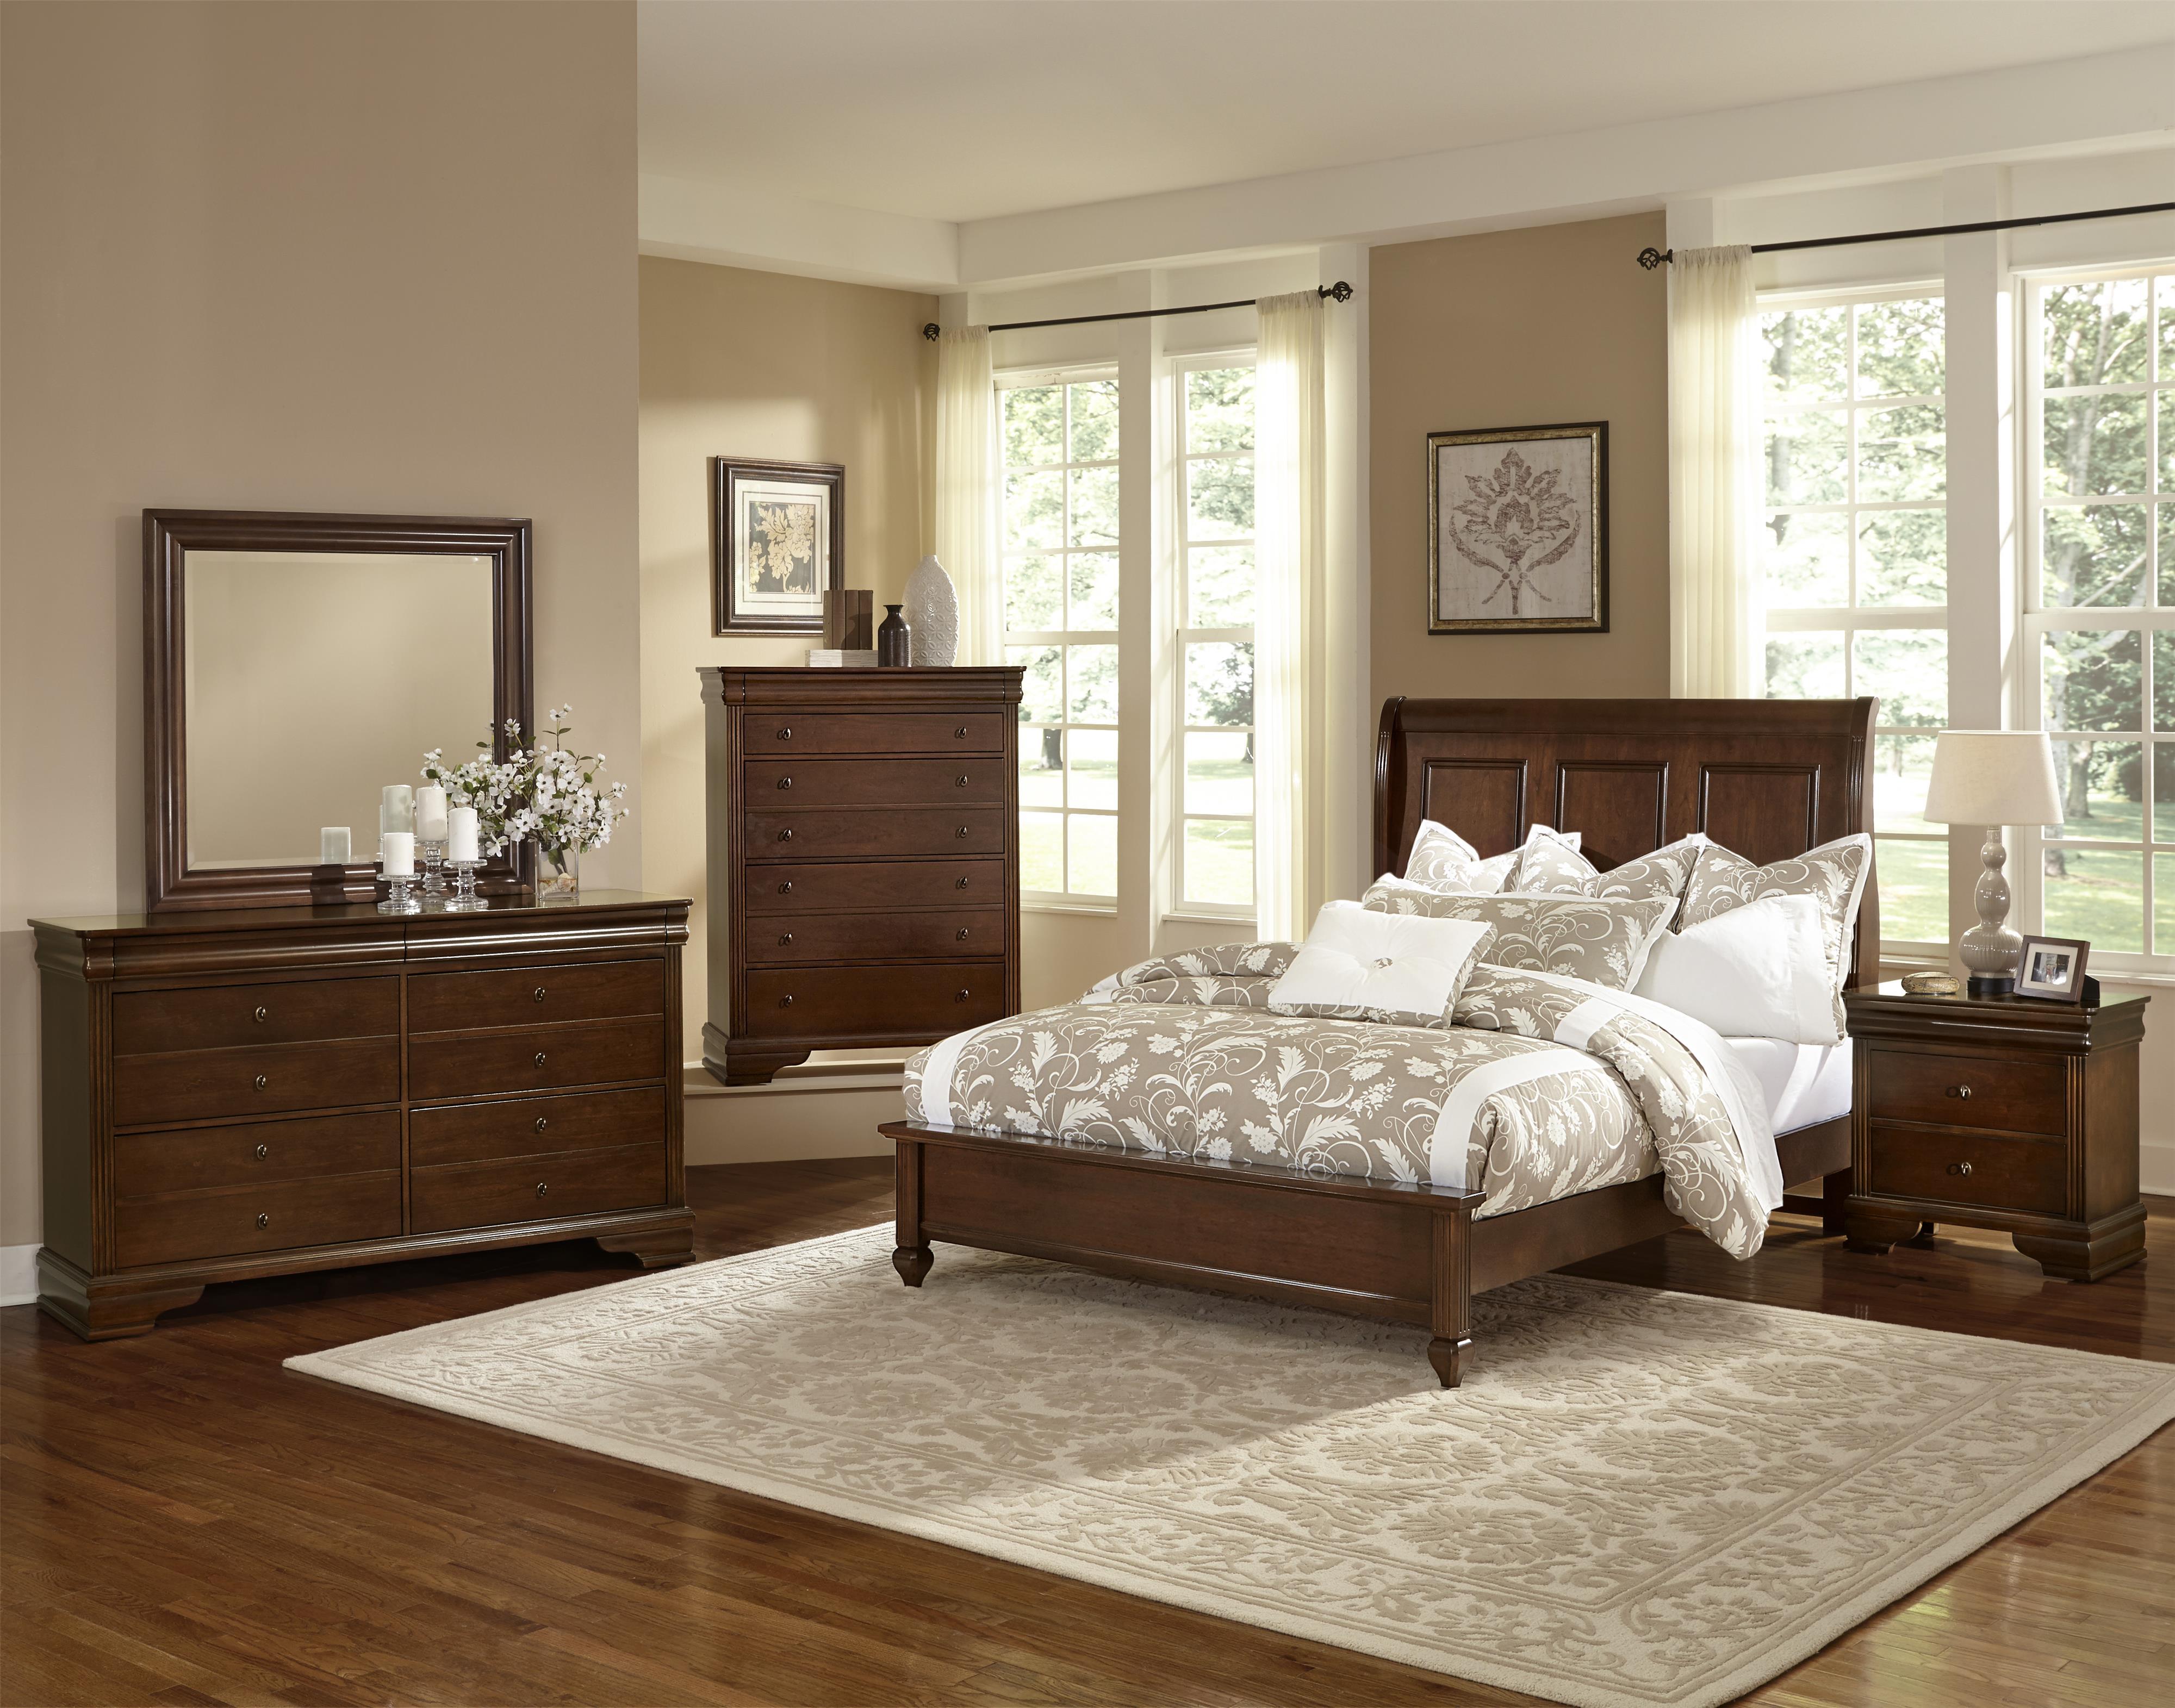 vaughan bassett french market queen bedroom group belfort furniture